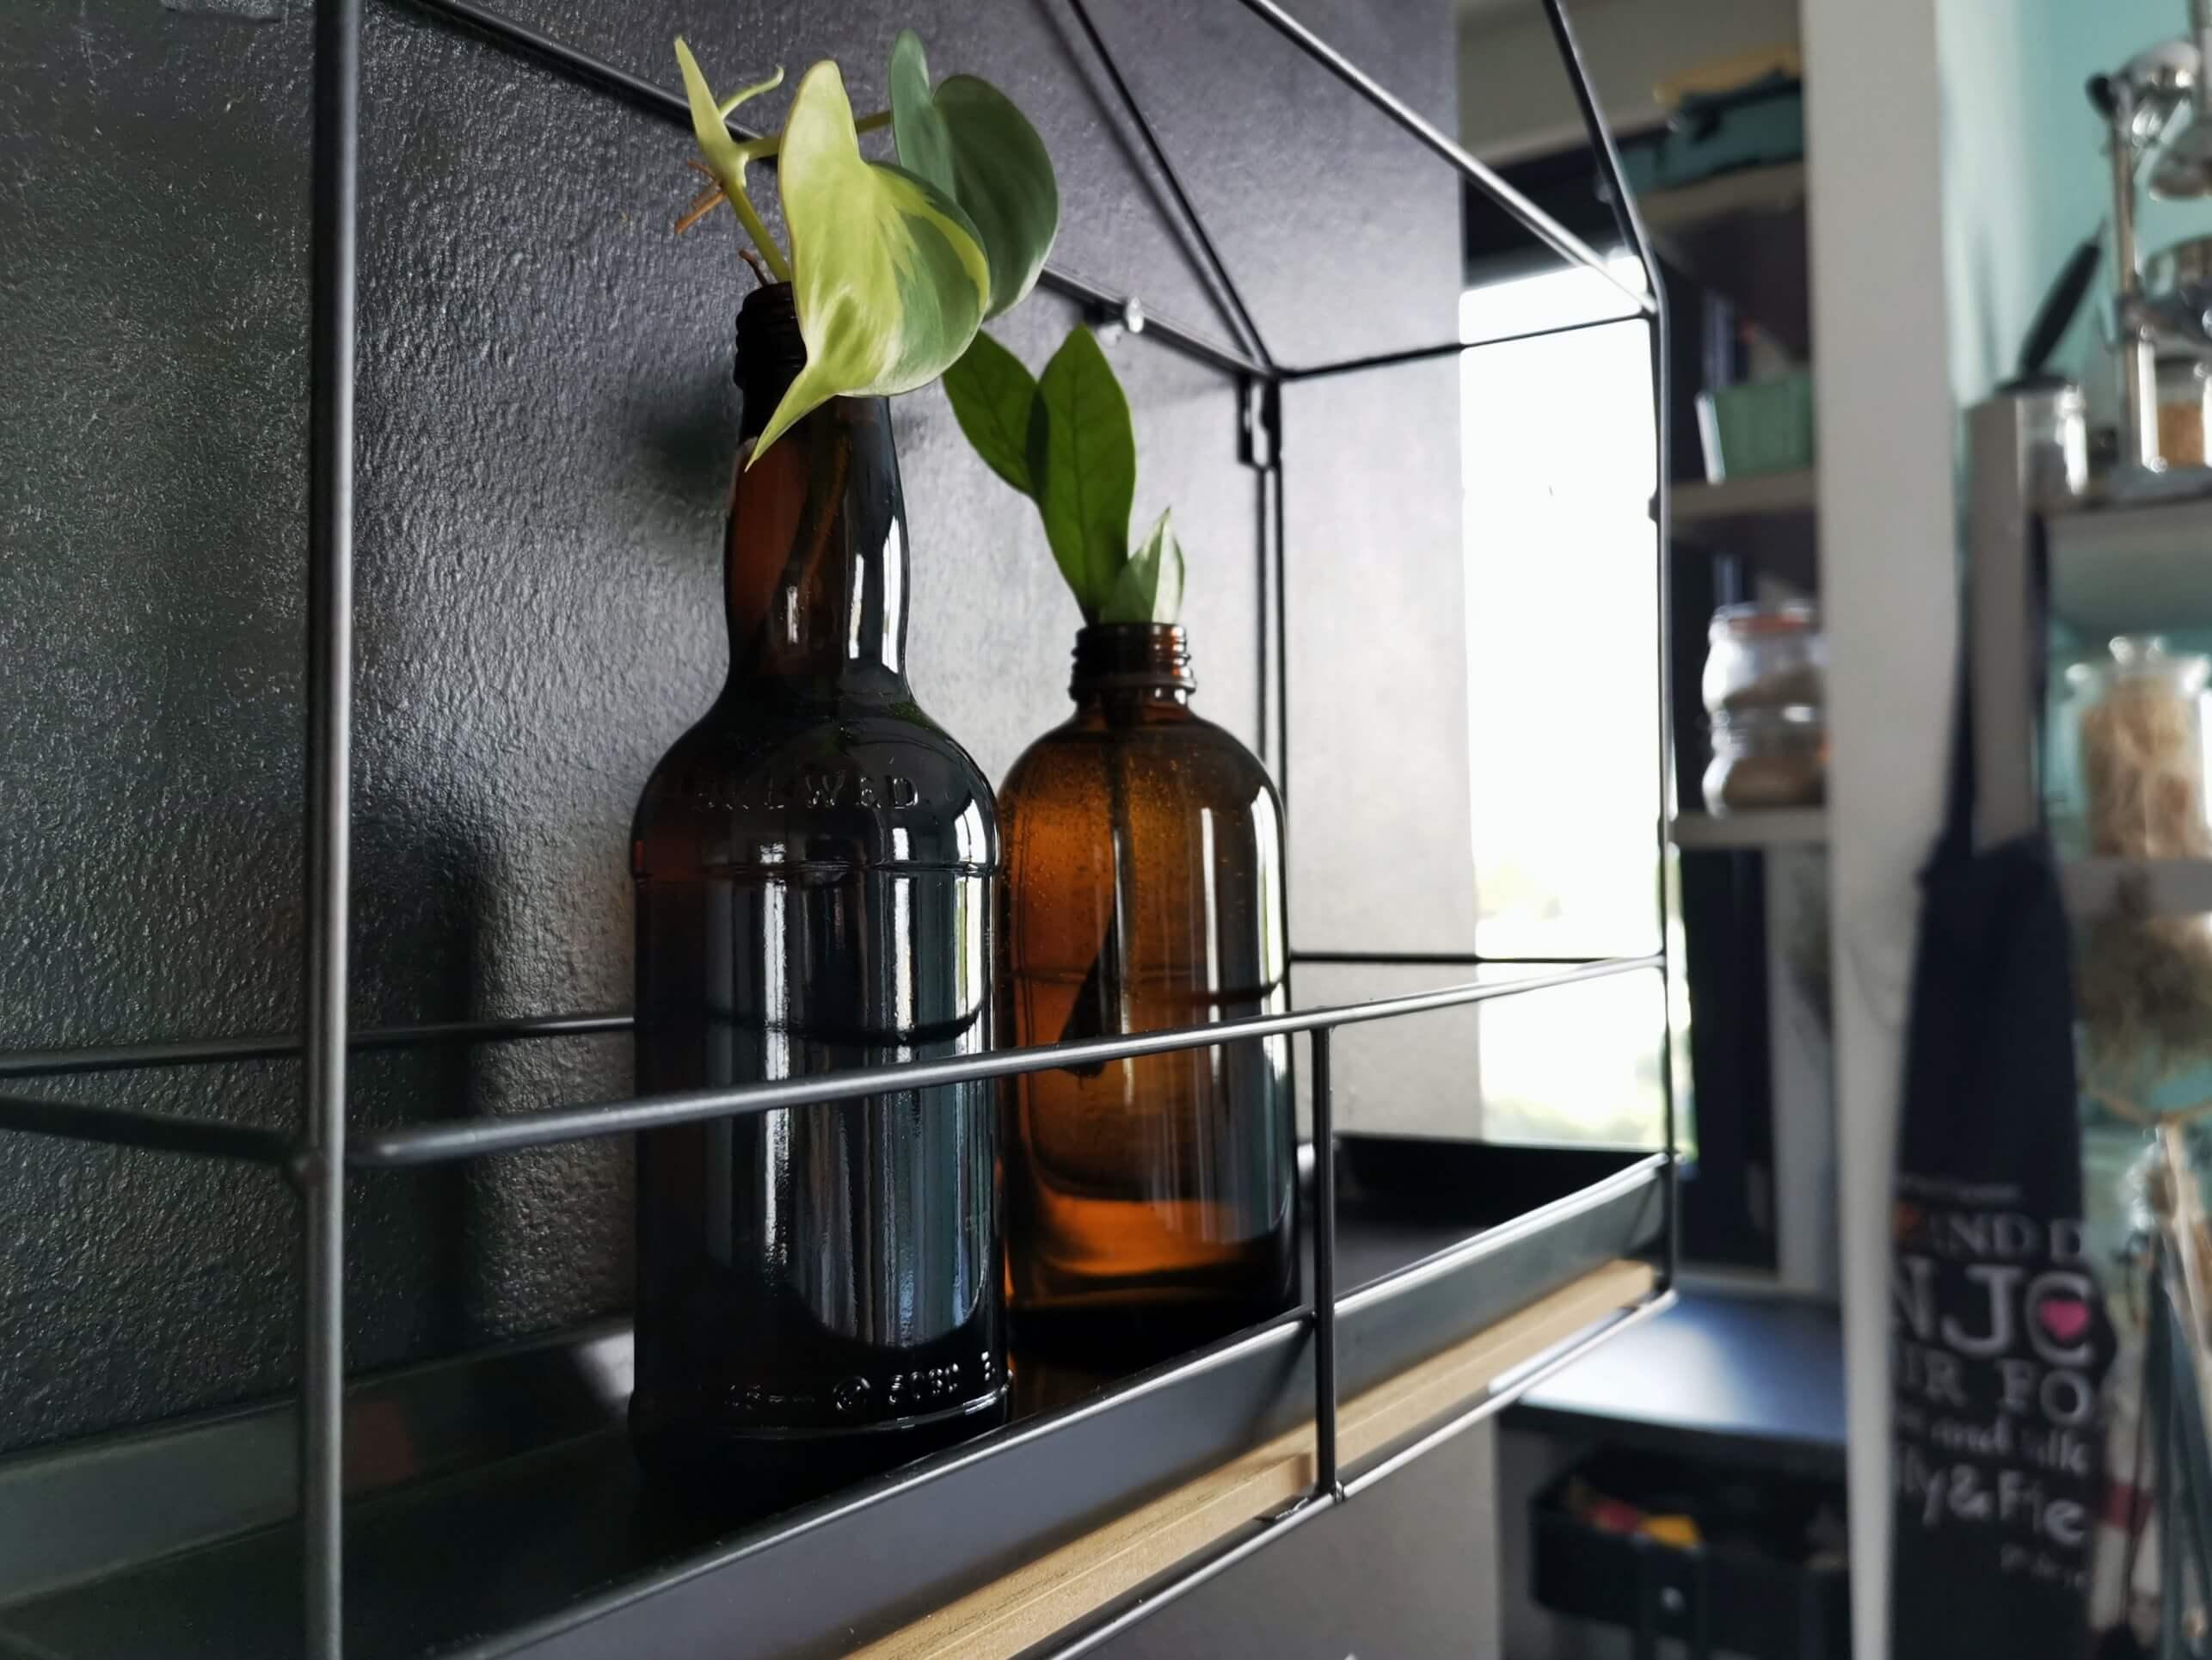 IMG 20190428 155949 02 resized 20190428 070233152 - Deko aus Müll: 5 Recycling-Ideen für ein schöneres Zuhause